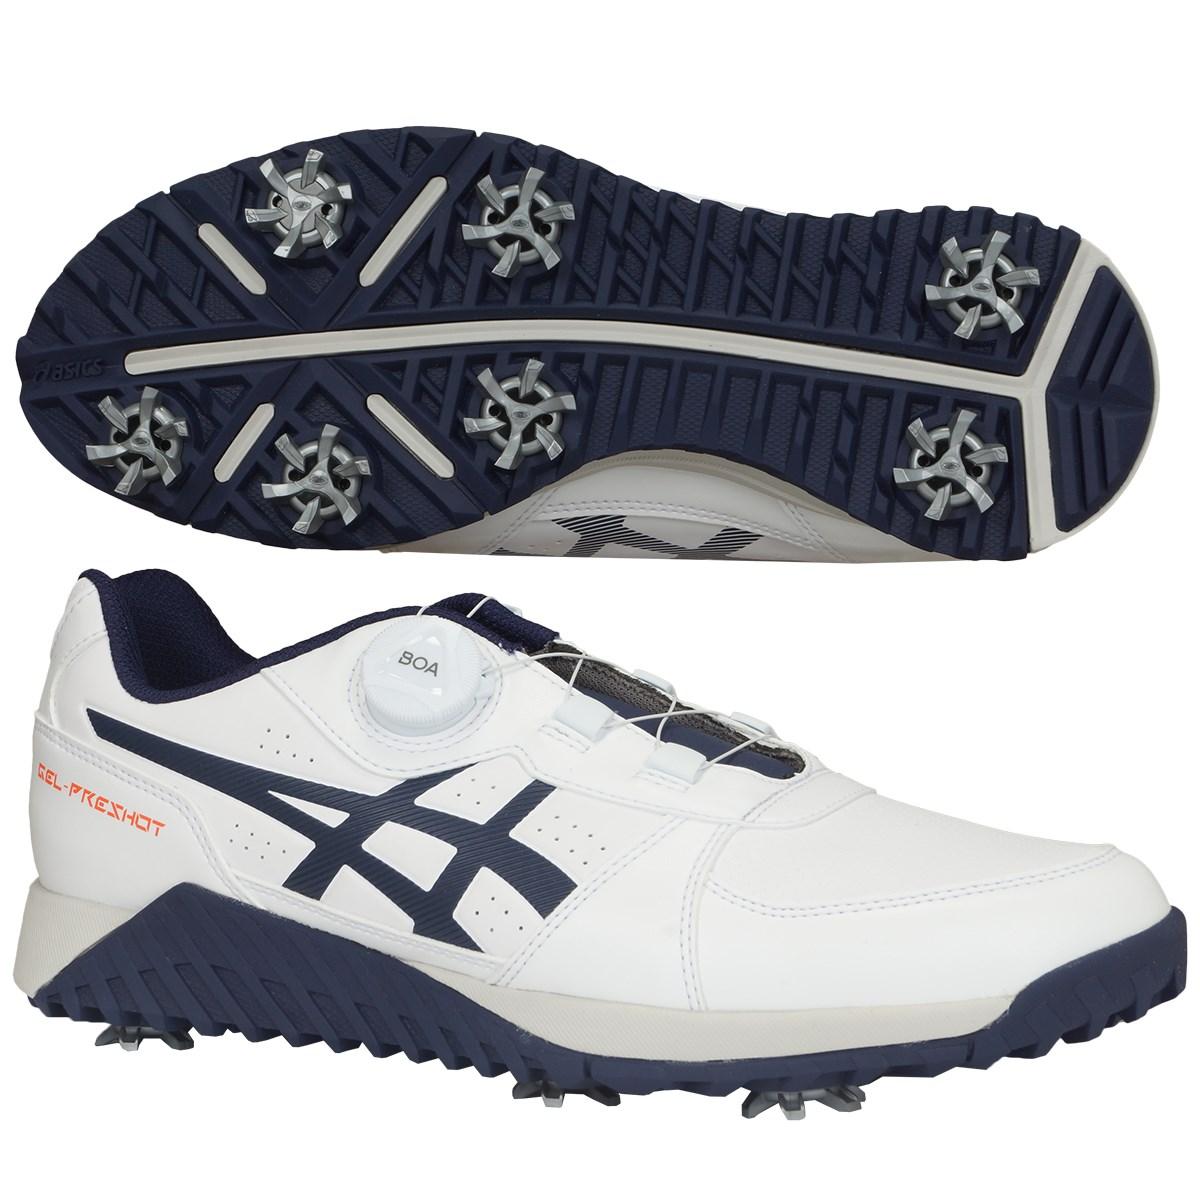 アシックス ASICS ゴルフシューズ 26cm ホワイト/ピーコート